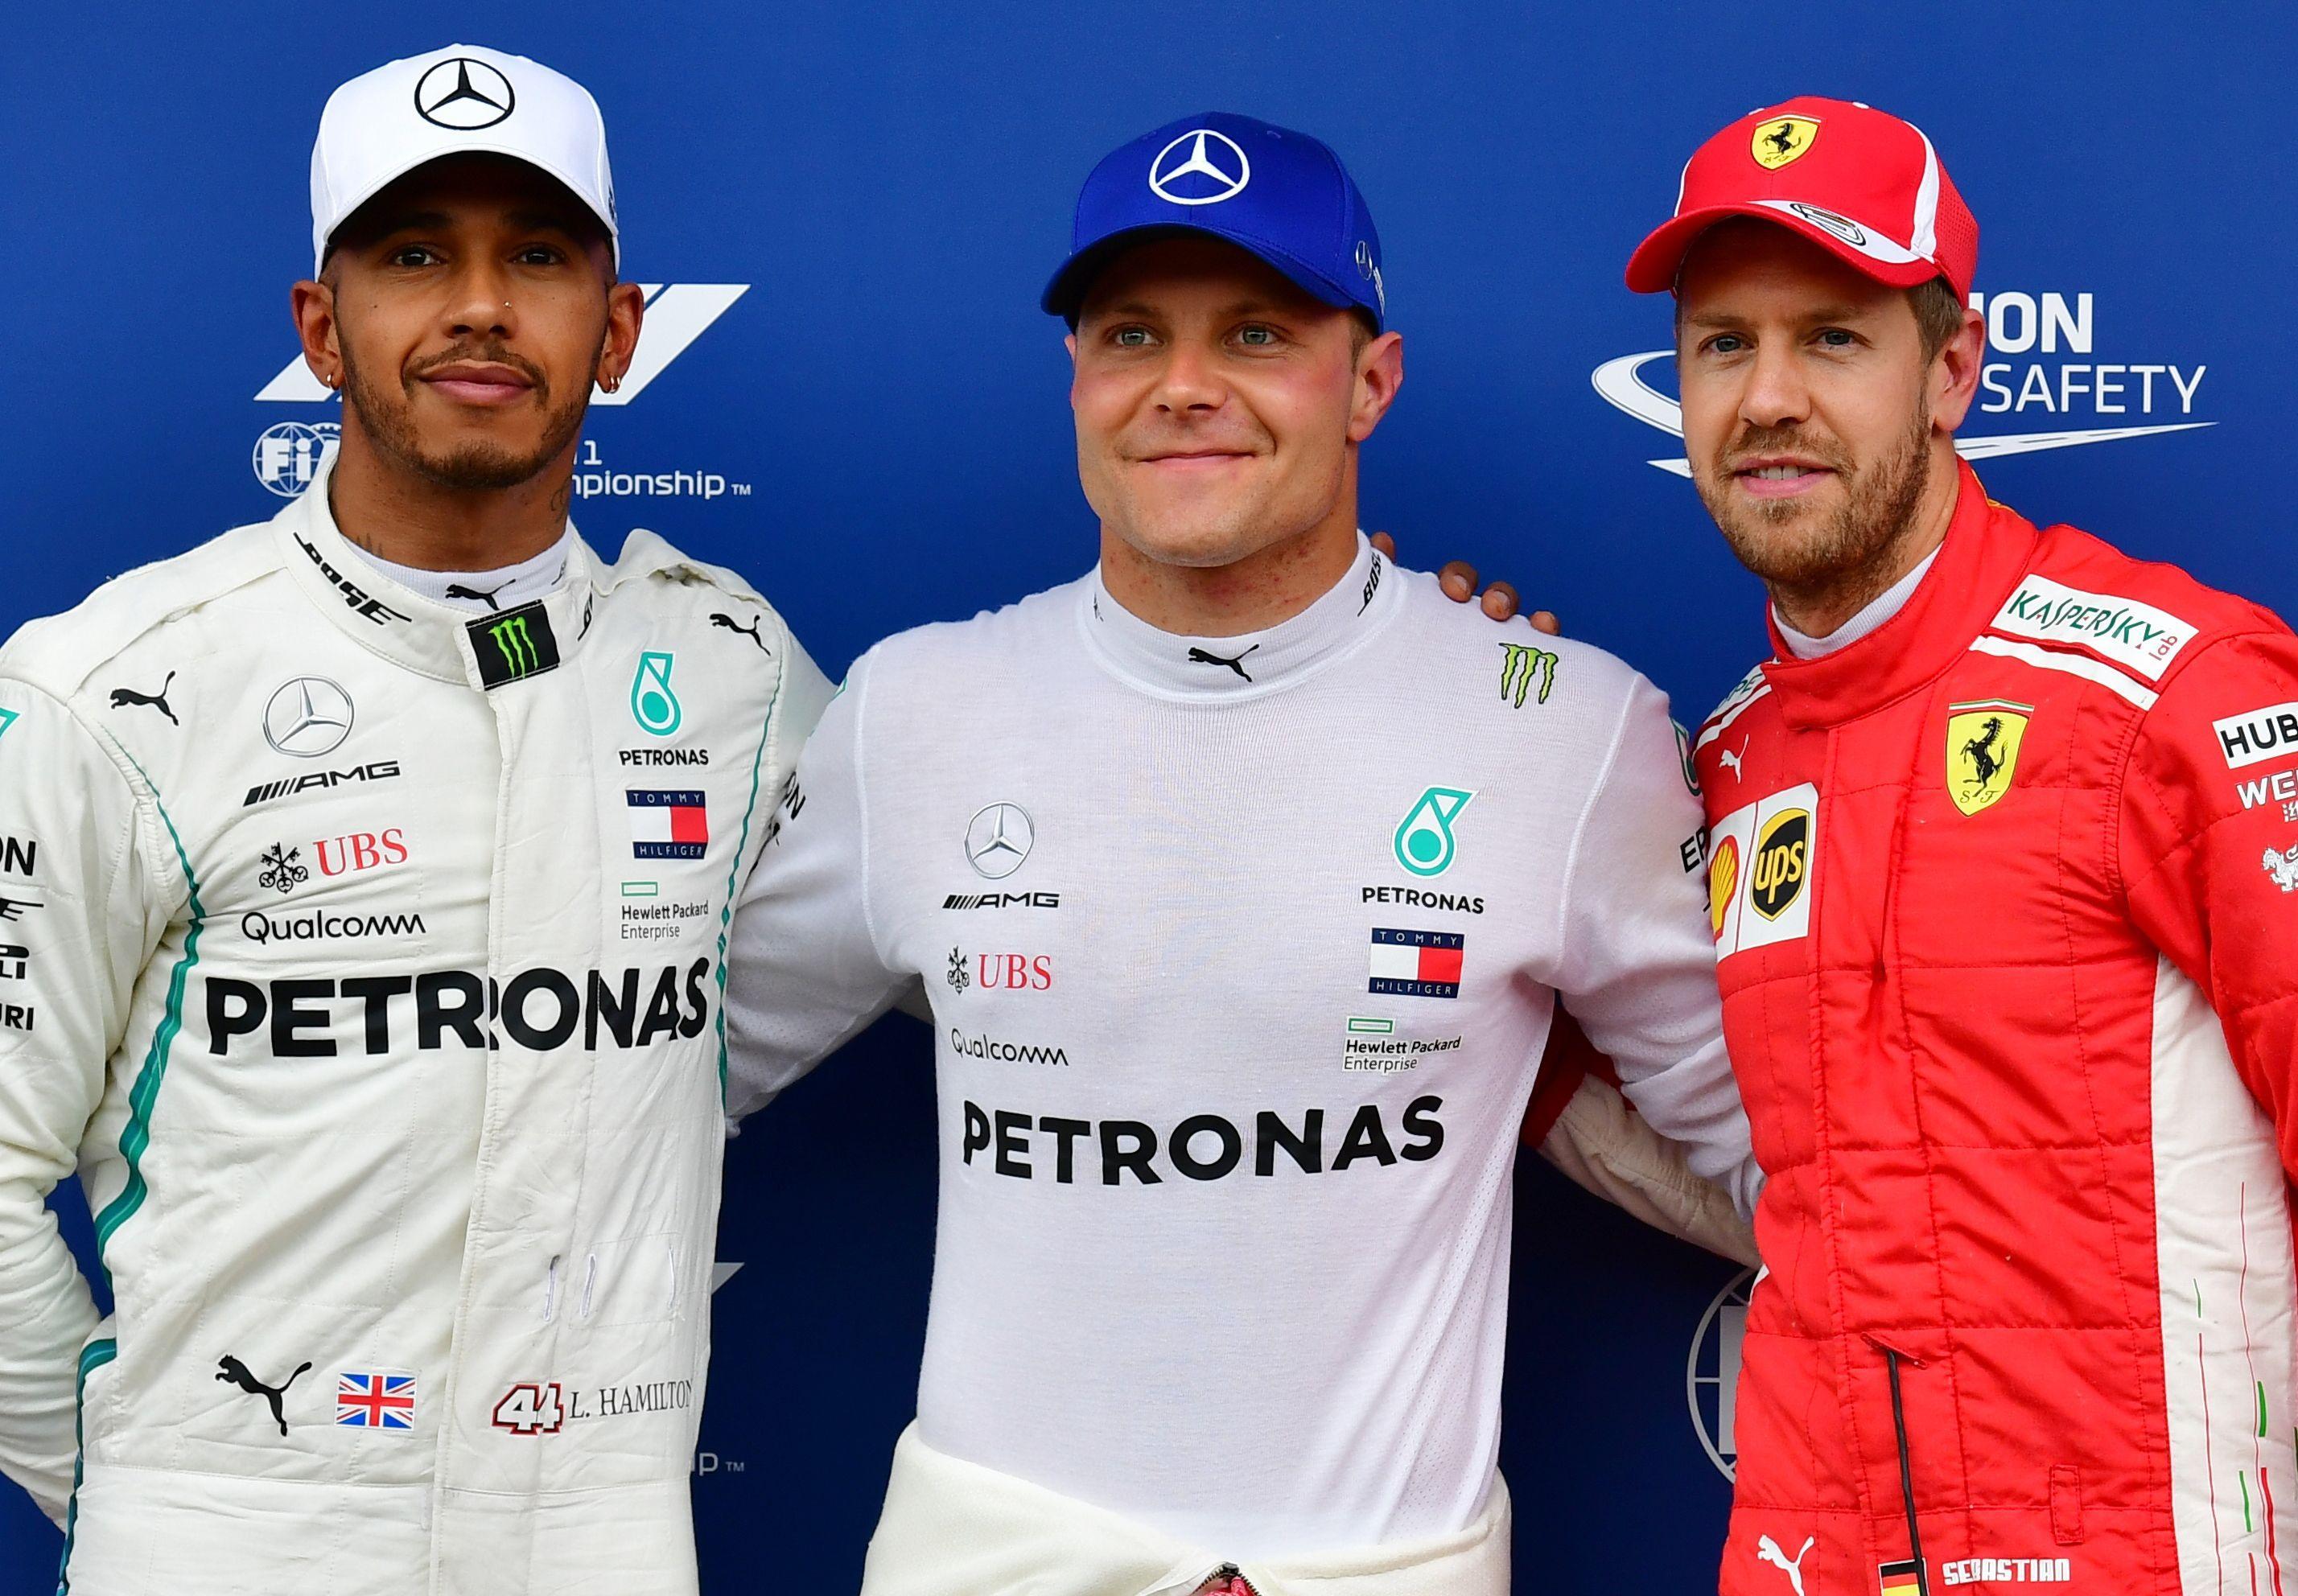 Valtteri Bottas beat team-mate Lewis Hamilton to take pole in Austria